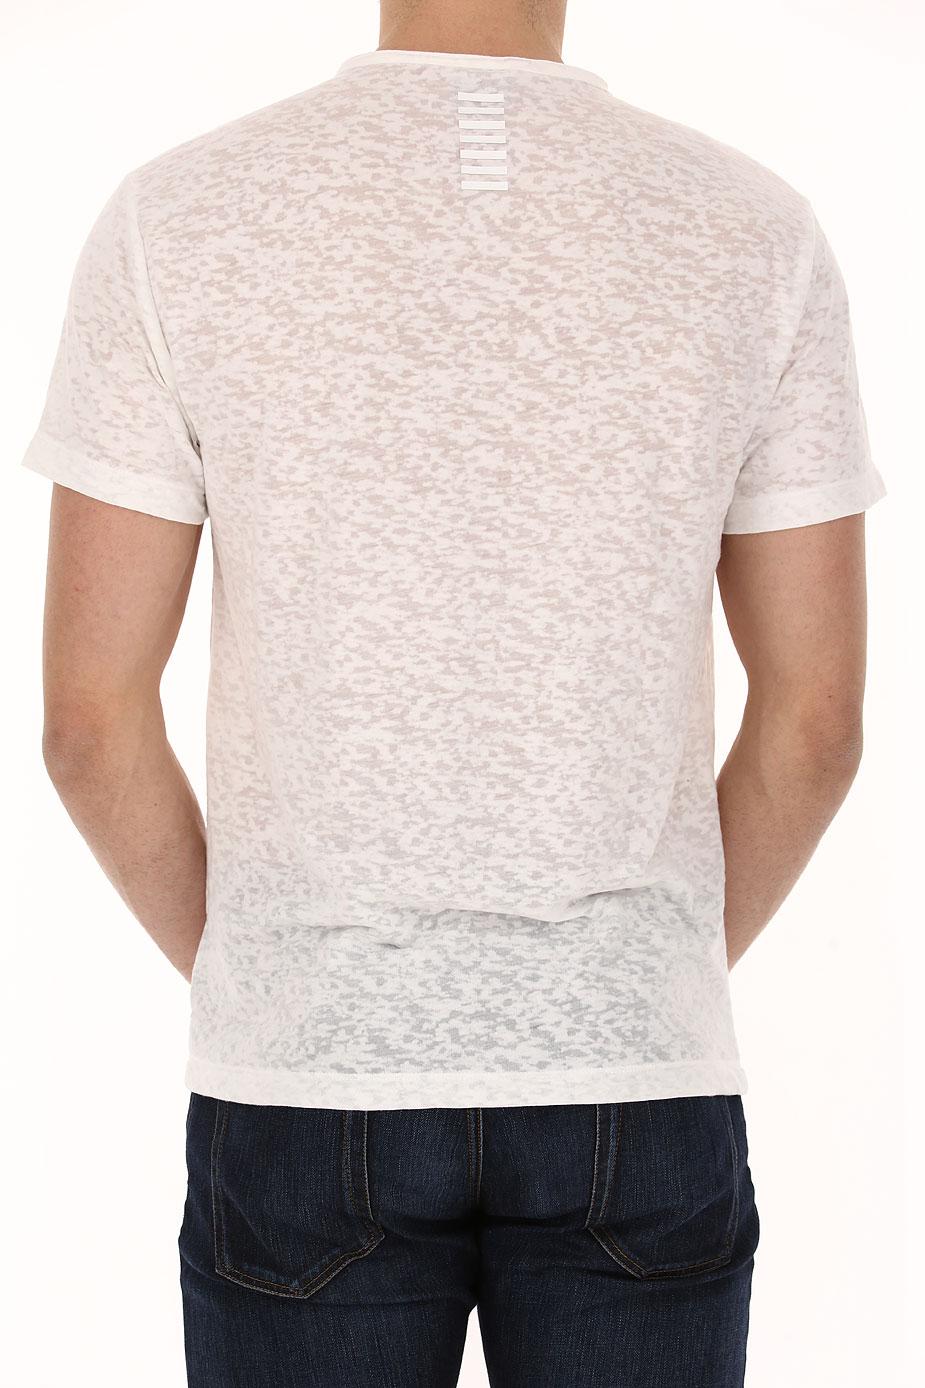 Abbigliamento Uomo Emporio Armani, Codice Articolo: 3zpt23-pja0z-1100